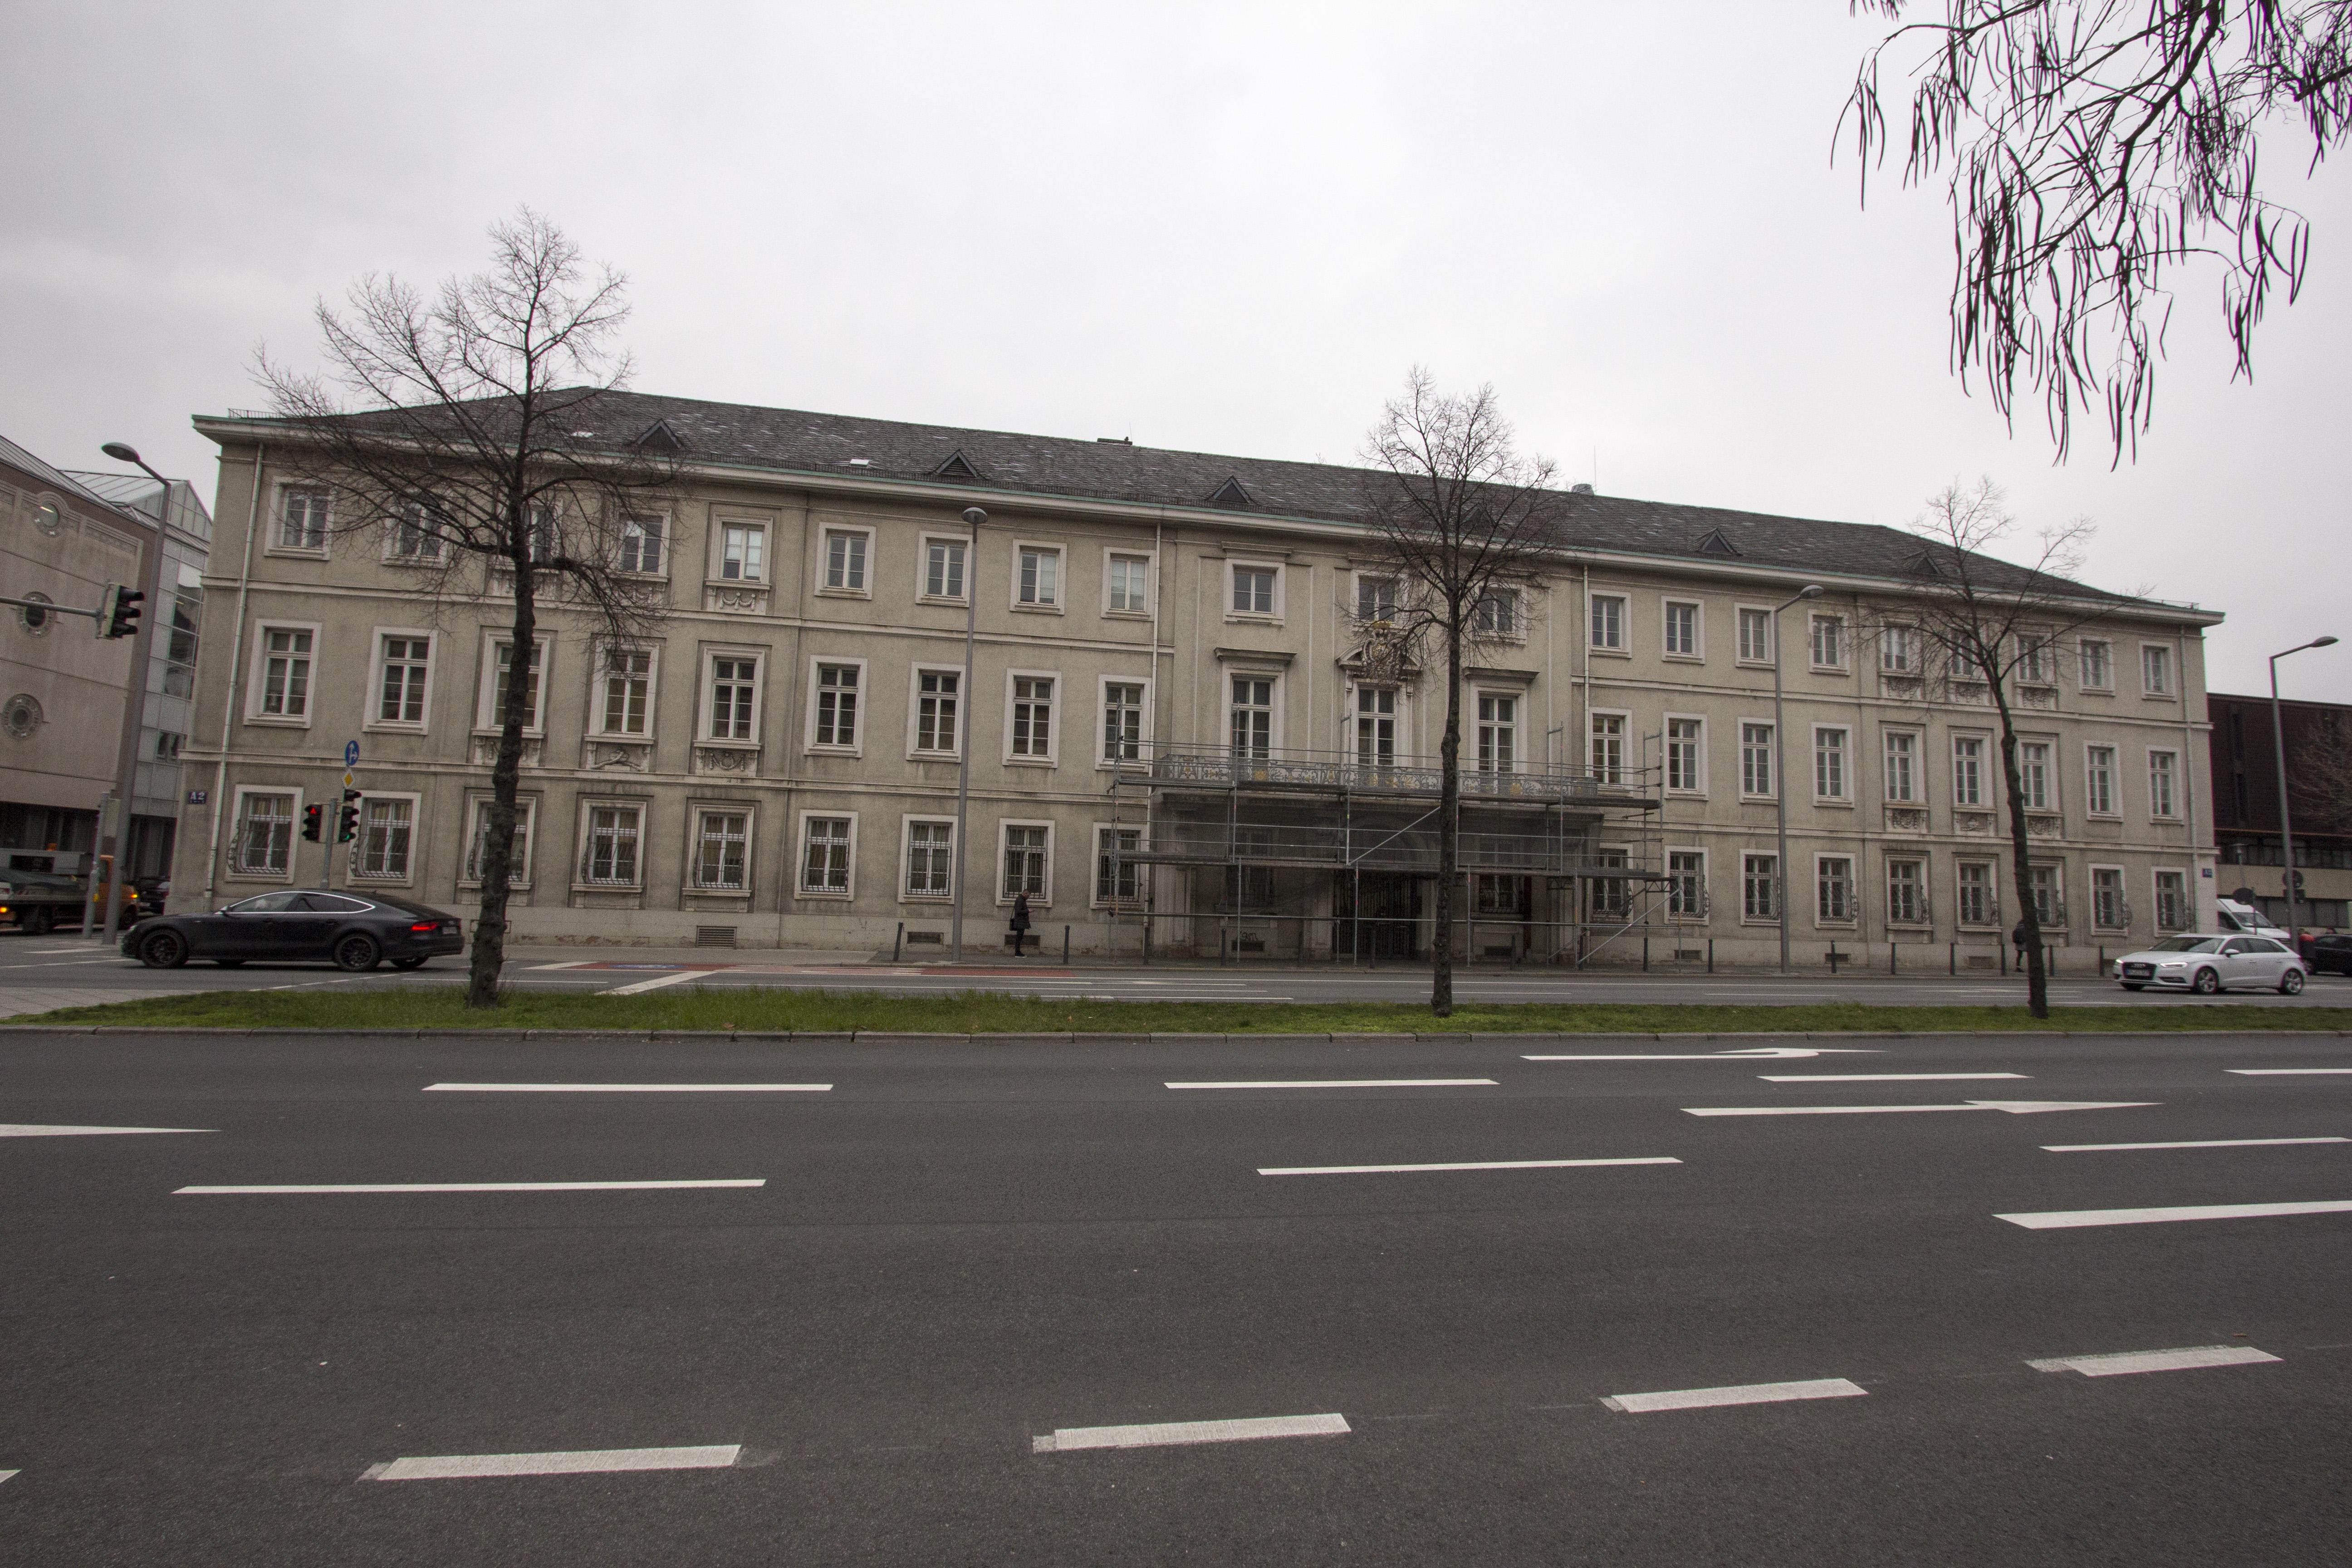 Architektur und Zentrum Mannheim_24